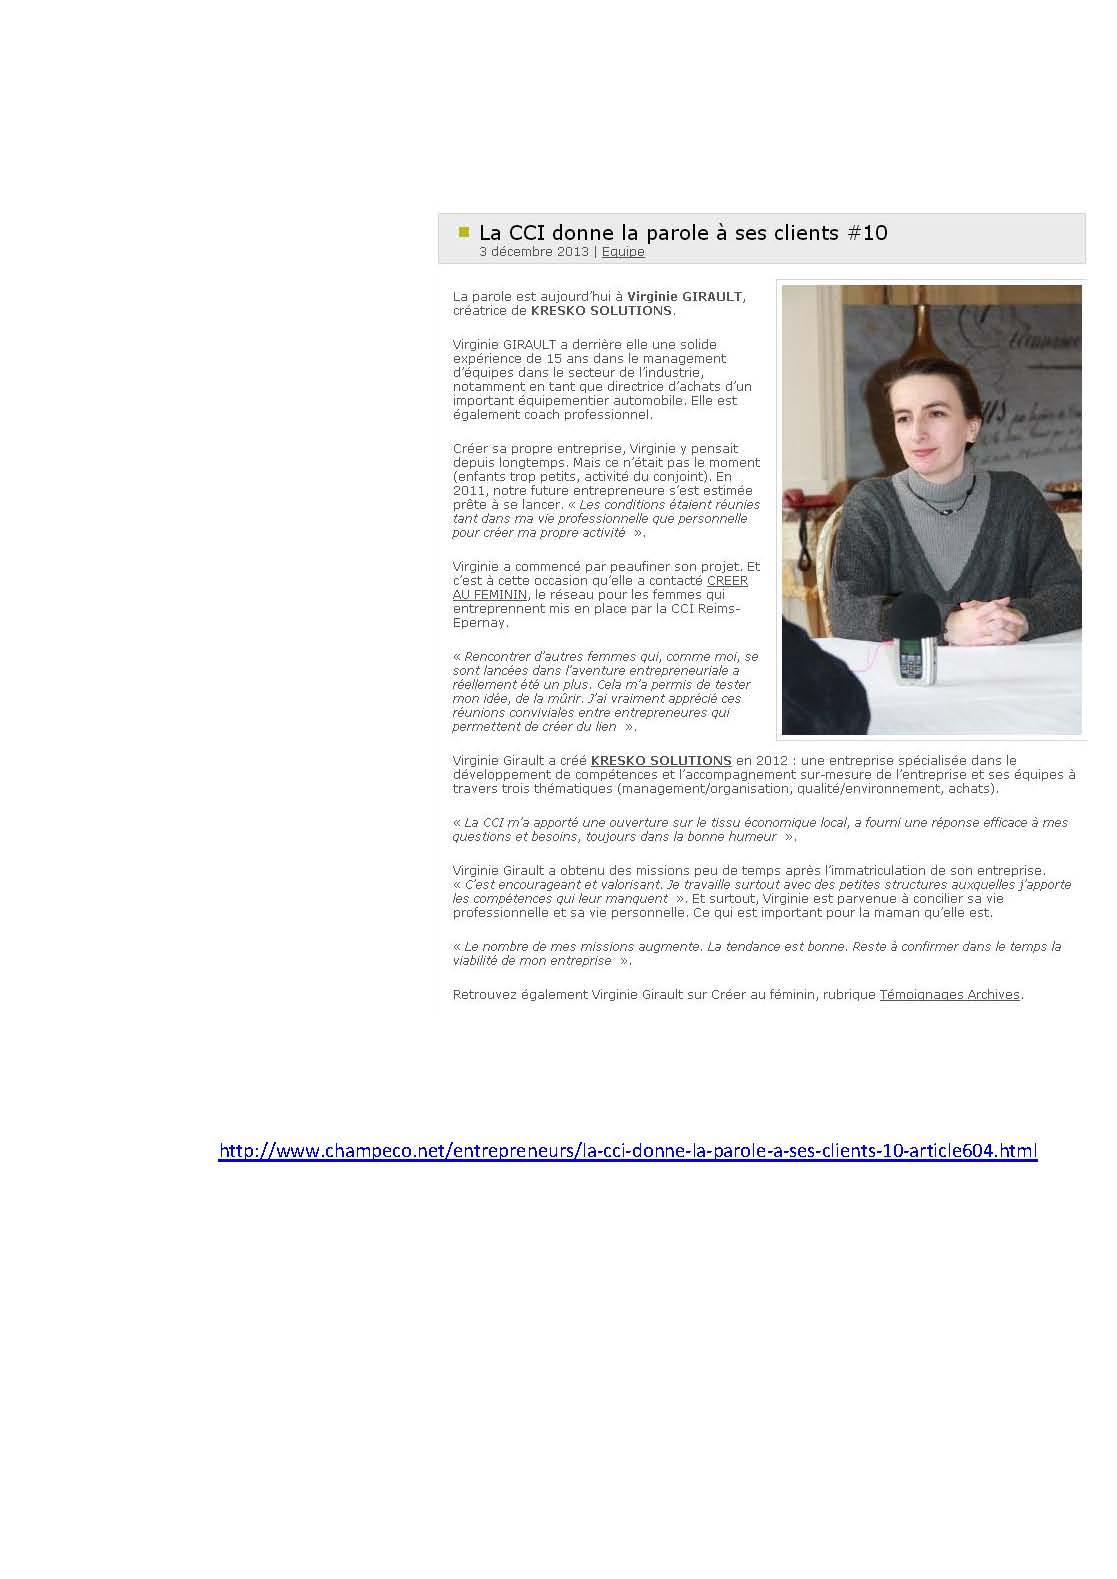 La CCI Reims Epernay donne la parole à ses clients Kresko Solutions